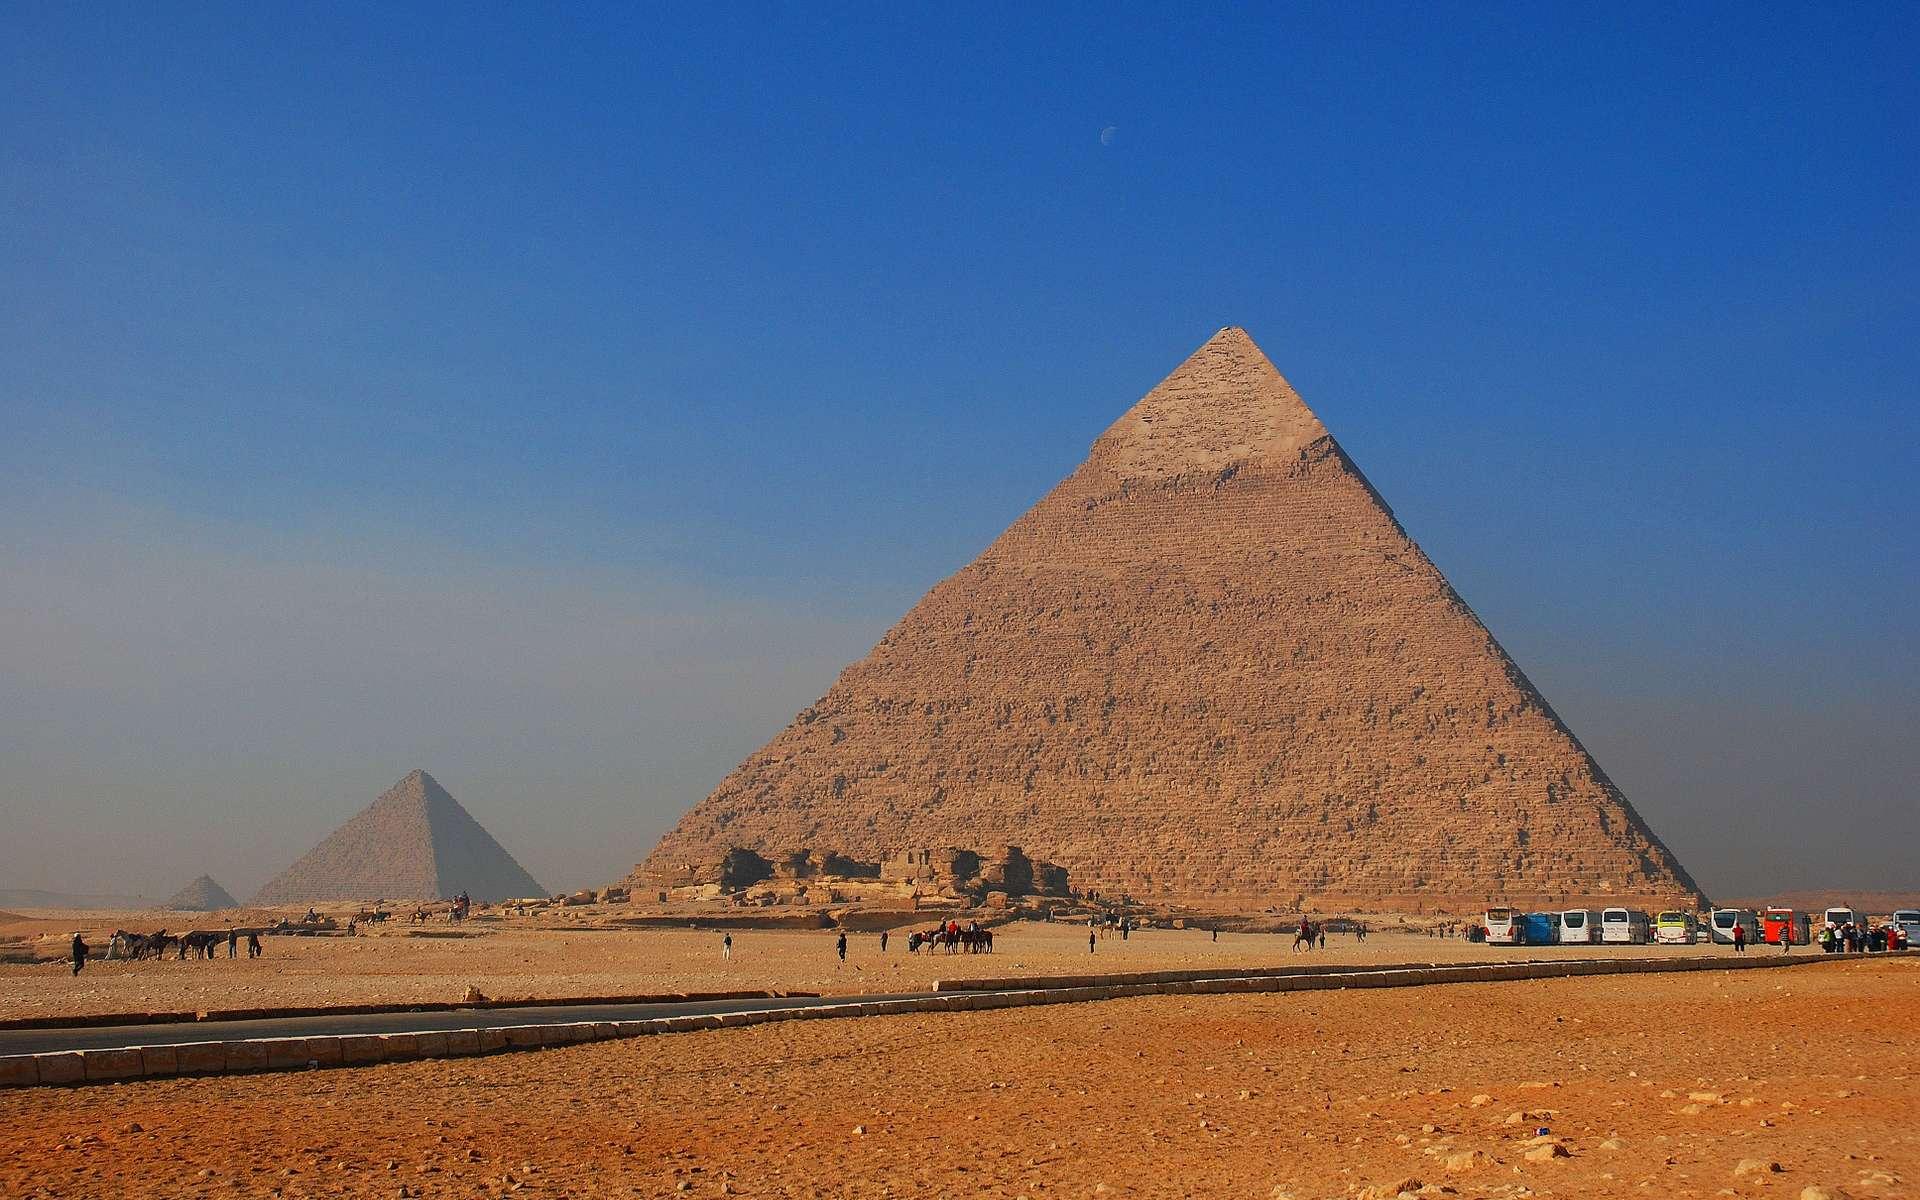 Les pyramides de Khéops, Khéphren et Mykérinos, à Gizeh, sont les plus célèbres du genre. Elles devaient permettre à leurs occupants de rejoindre le dieu du disque solaire, Rê, dans les meilleures conditions. © jarekgrafik, Pixabay, DP